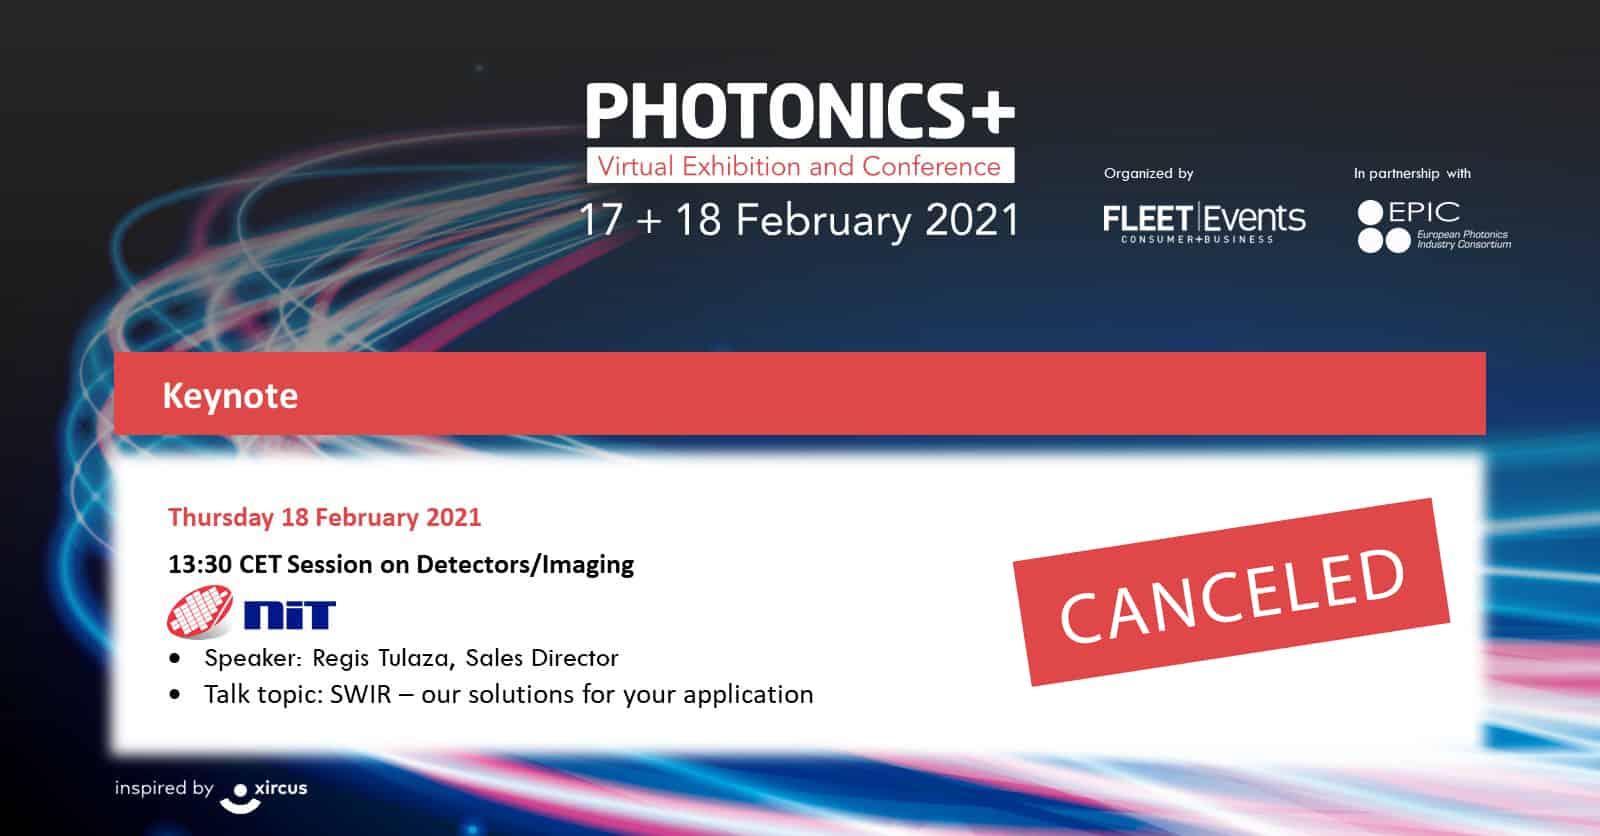 NIT product presentation at PhotonicsPlus was canceled